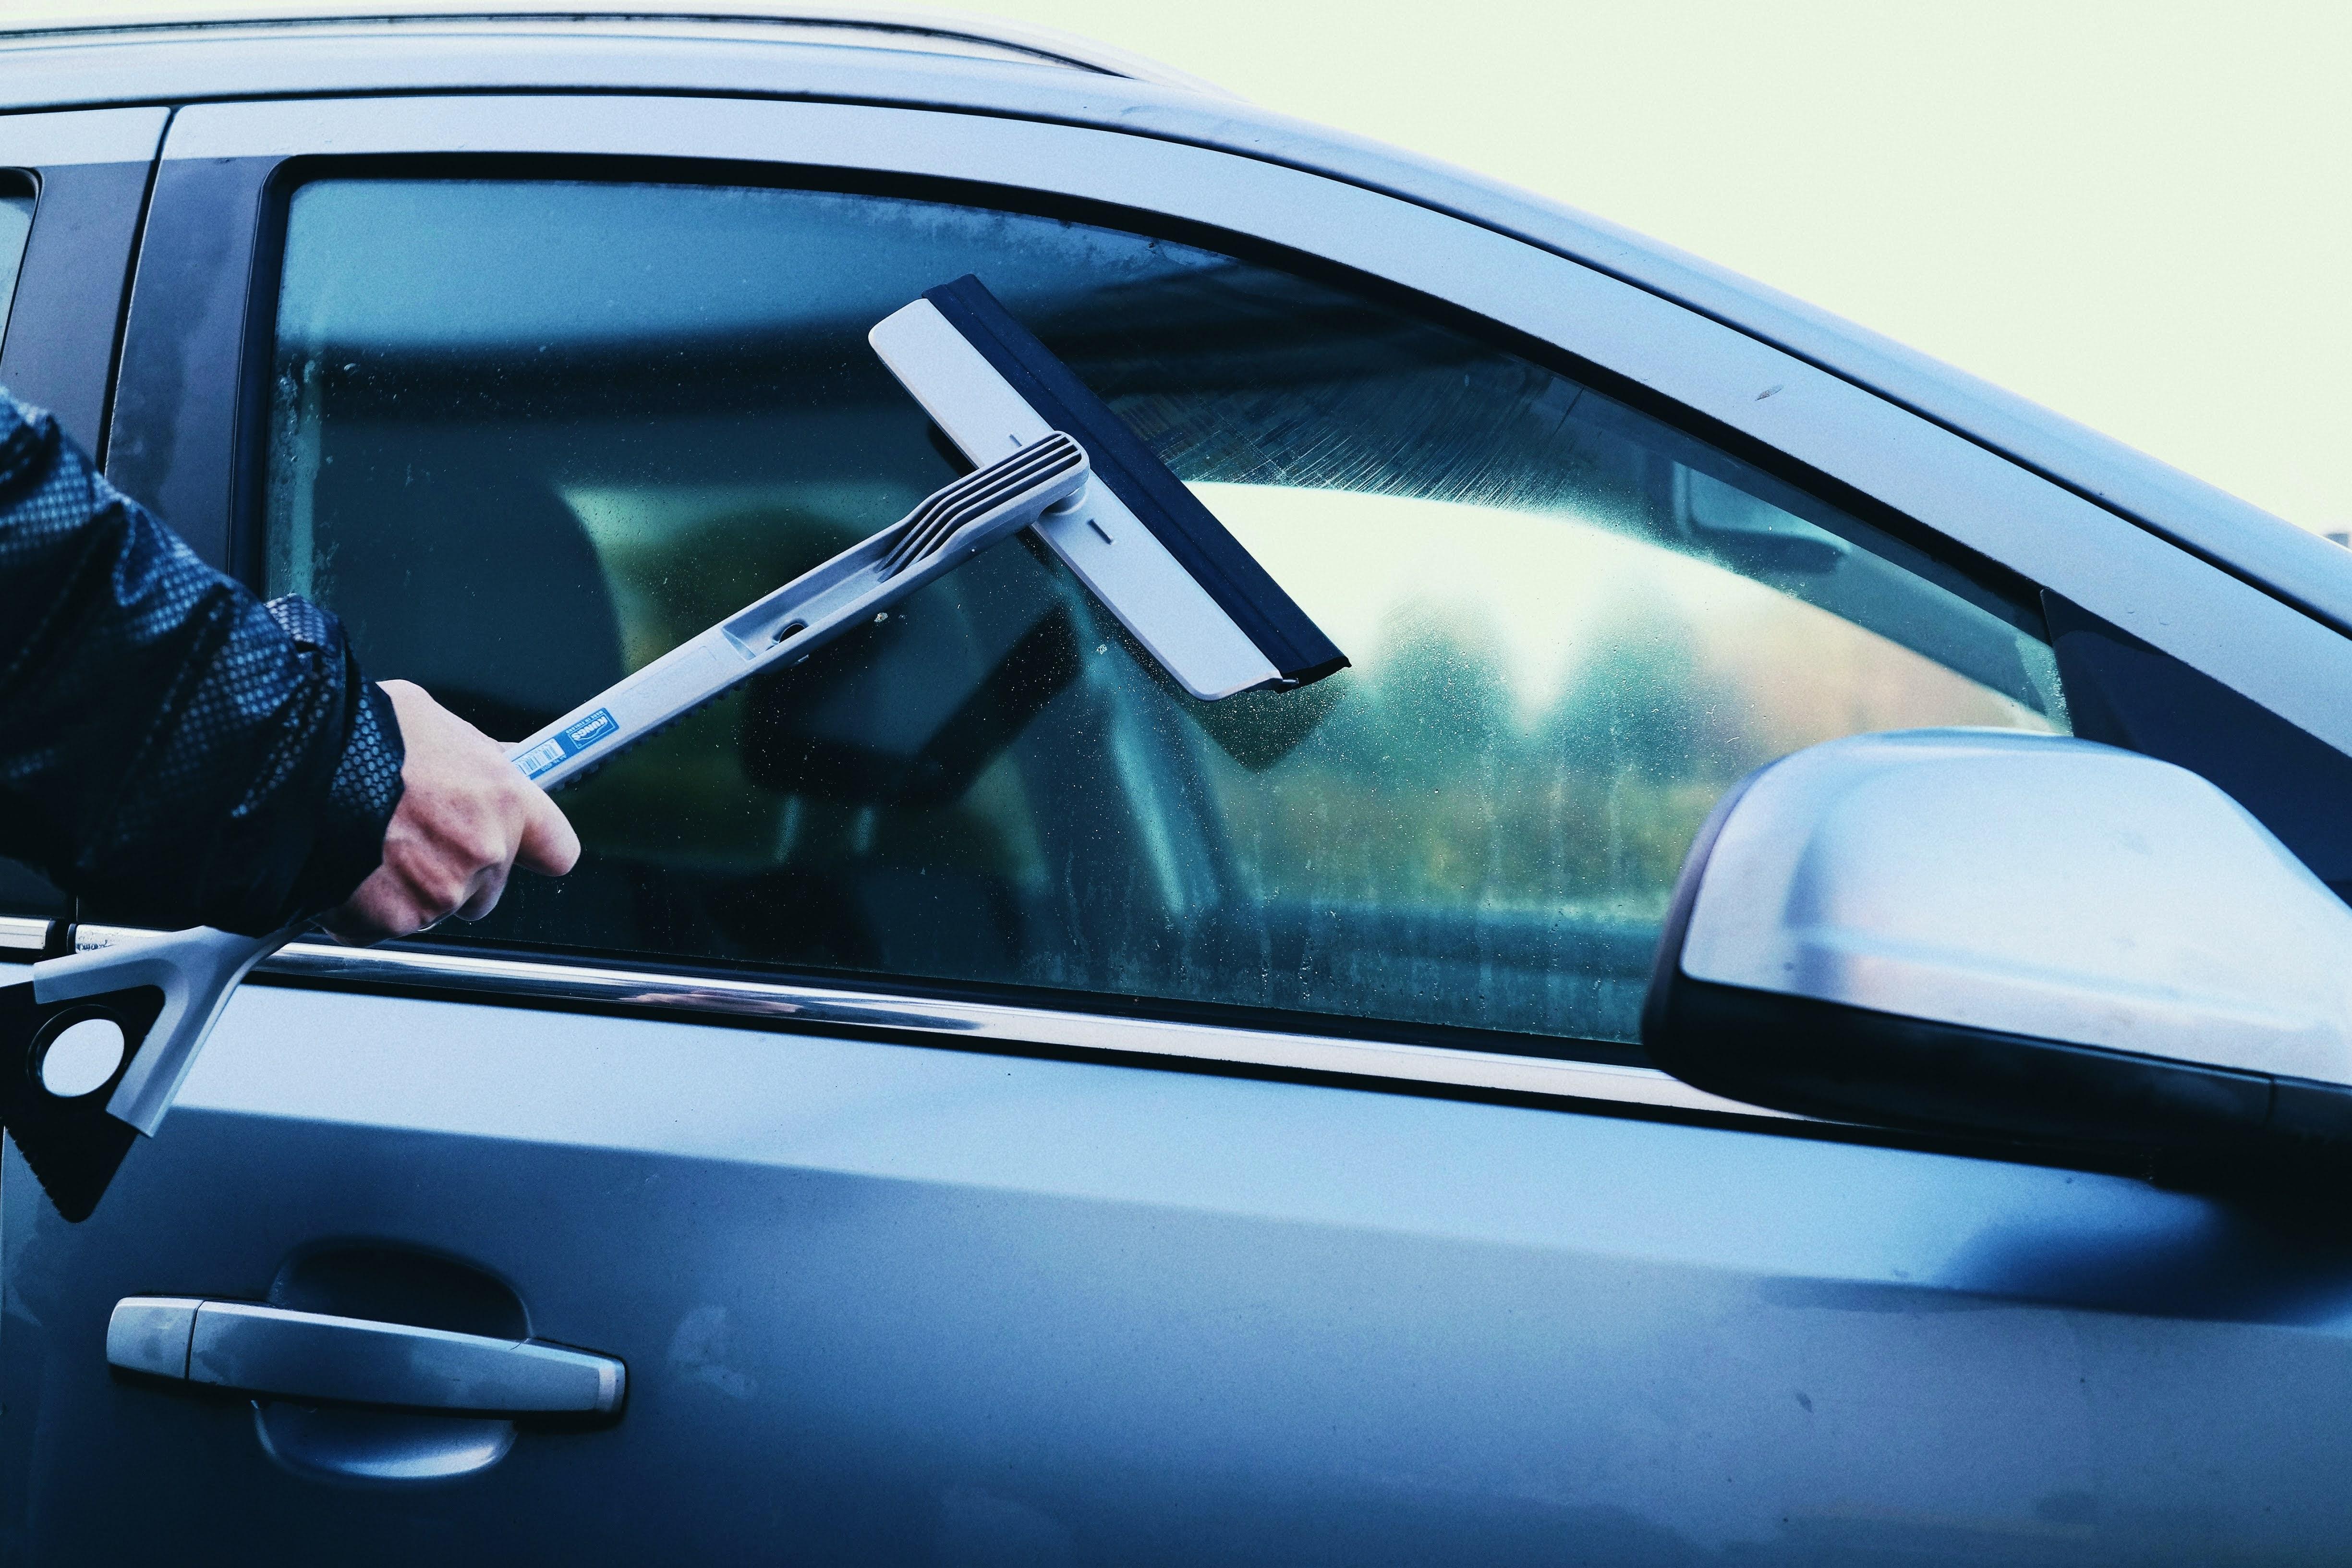 KUNGS AQUA-IS Abzieher mit Eiskratzer | Das neue Wintergadget für dein Auto